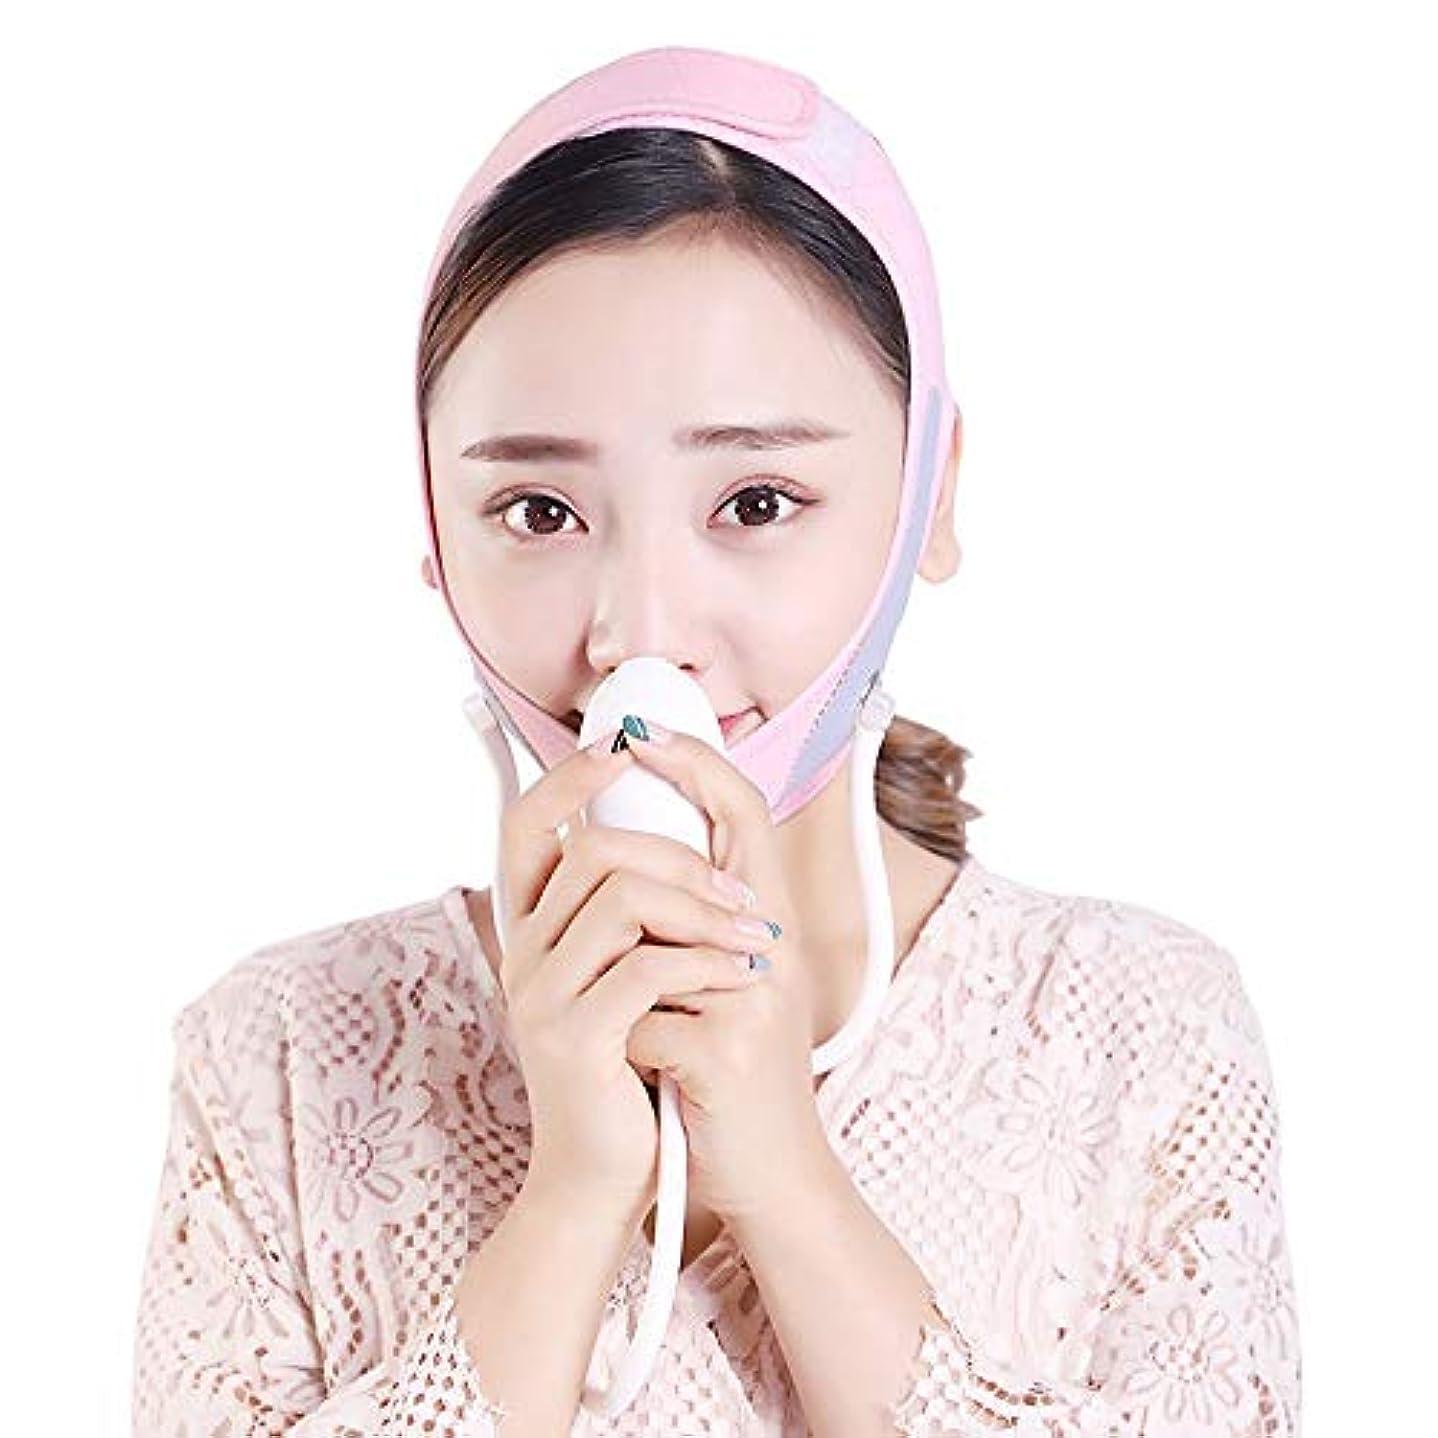 購入ダルセット解明するMinmin インフレータブル調節可能なフェイスリフトアーチファクト包帯をダブルチンリフト引き締めカラスの足one骨のサイズV顔ユニセックス - ピンク みんみんVラインフェイスマスク